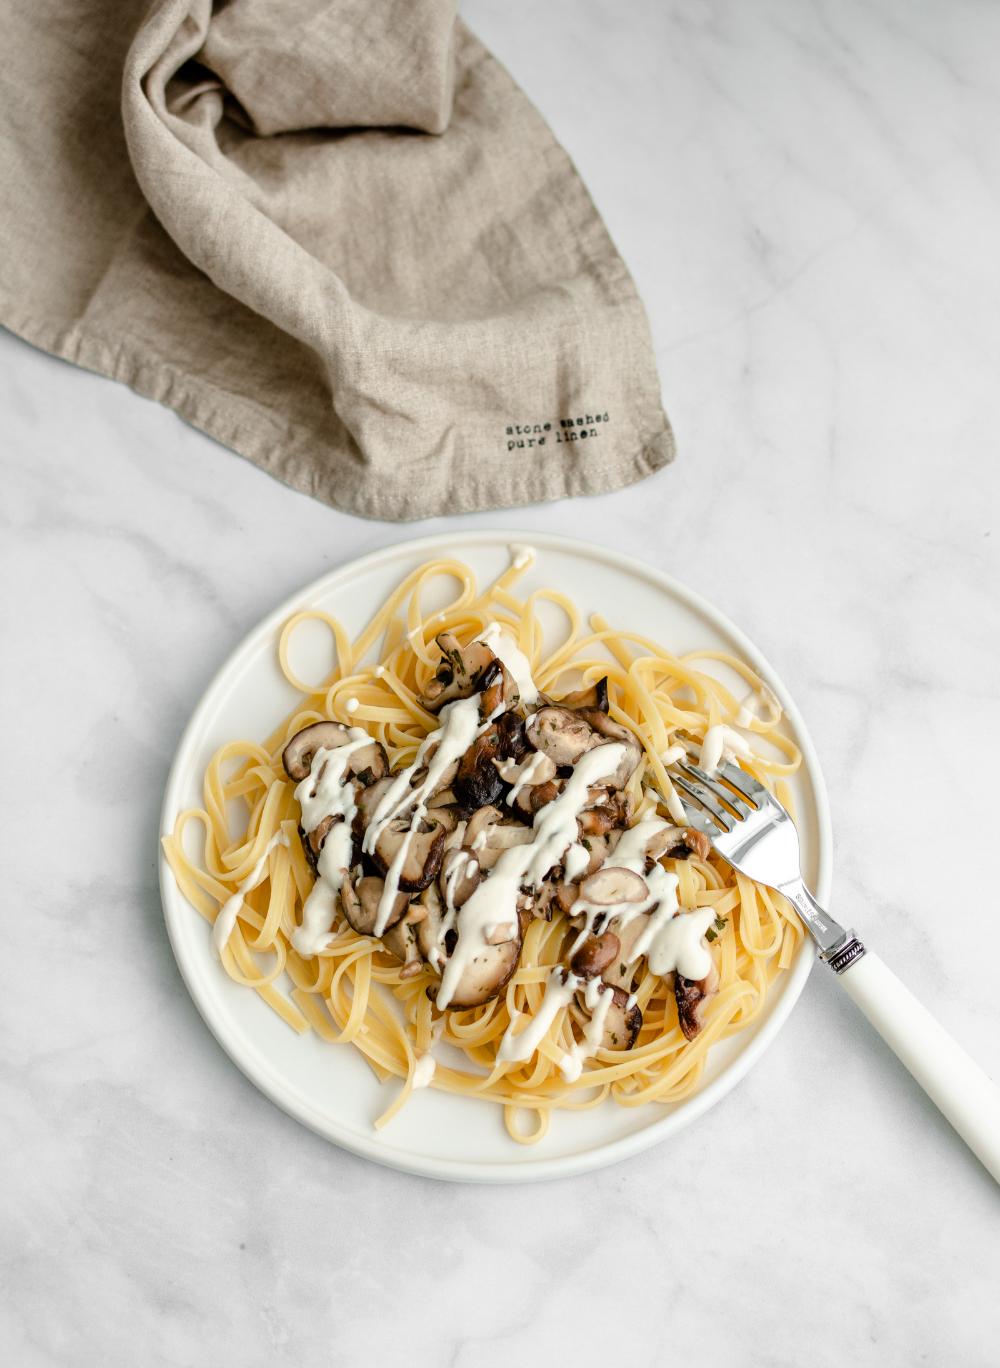 Crème Fraiche Vegan | Recette creme, Recette, Idée recette